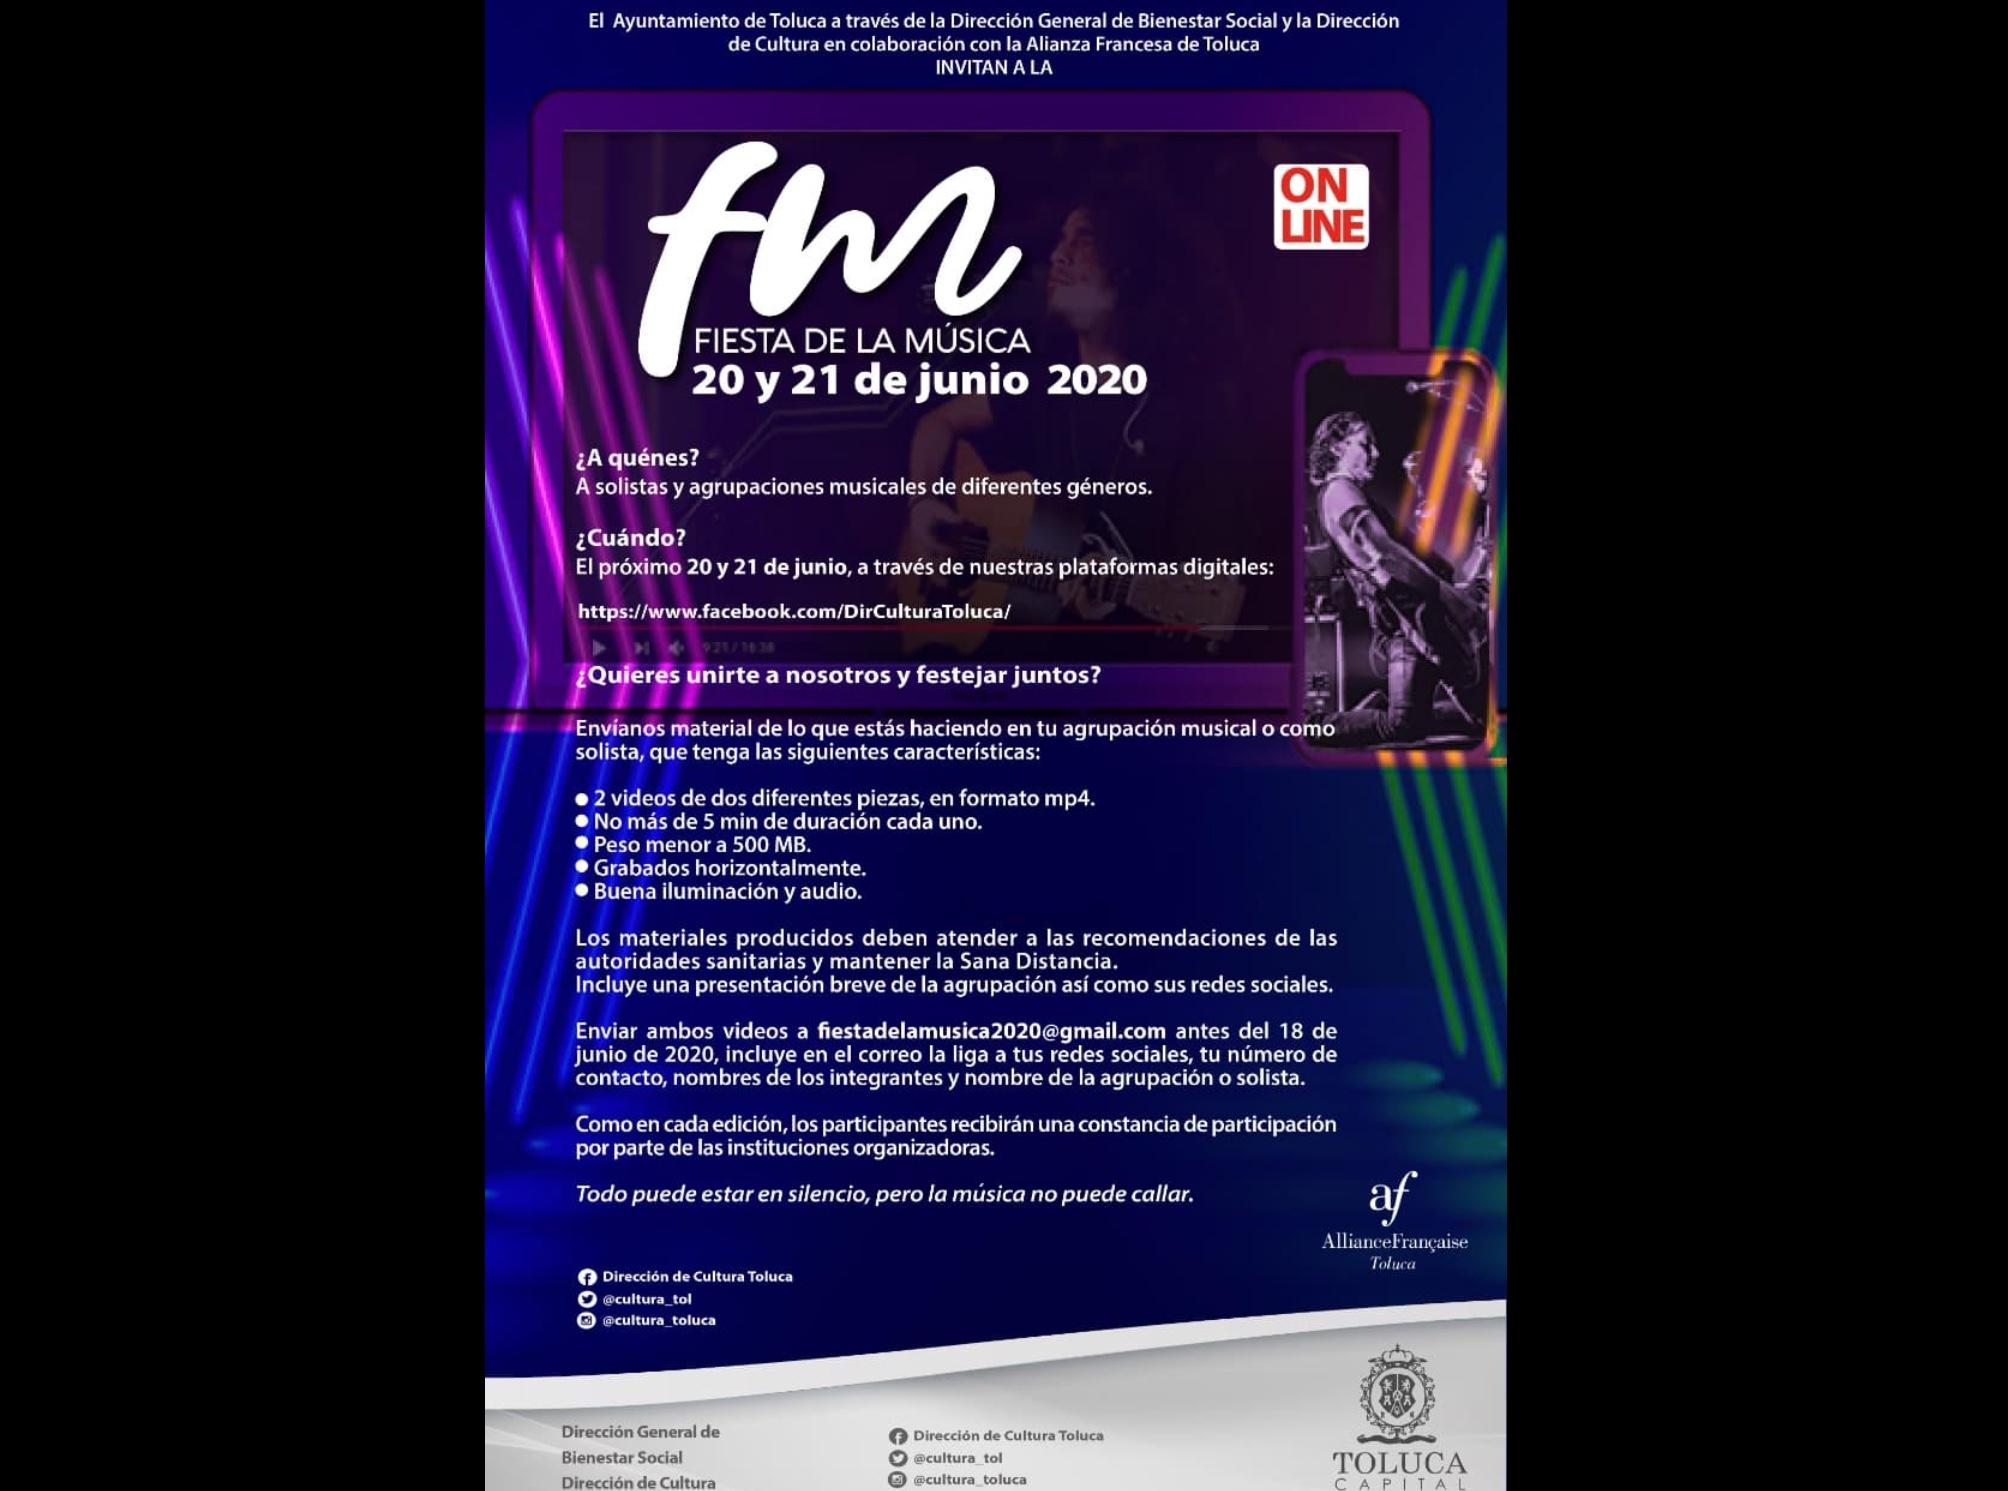 Habrá fiesta digital de la Música en Toluca